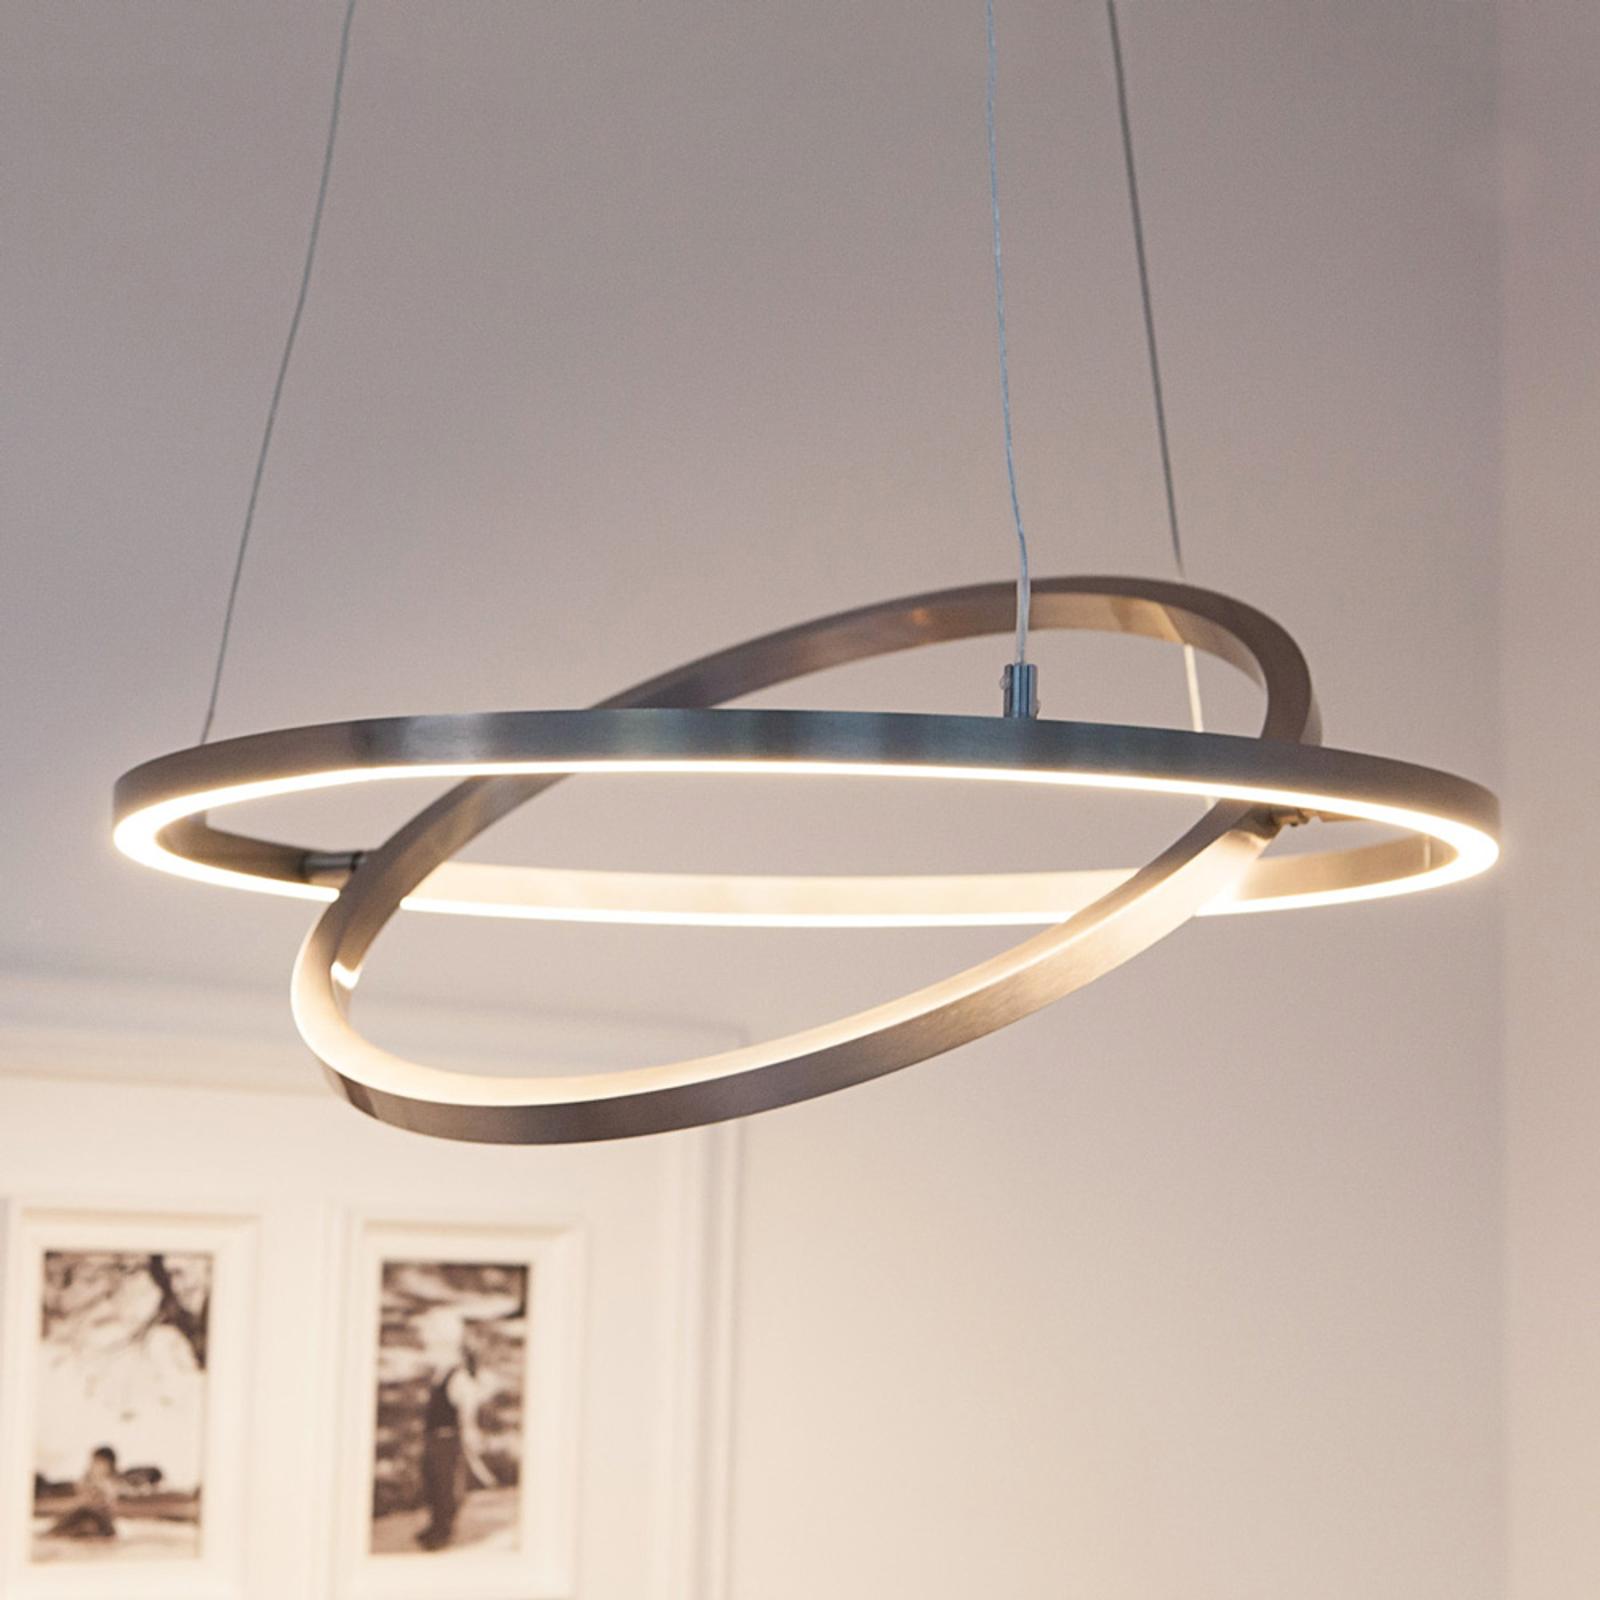 Suspension LED Lovisa avec 2 anneaux LED